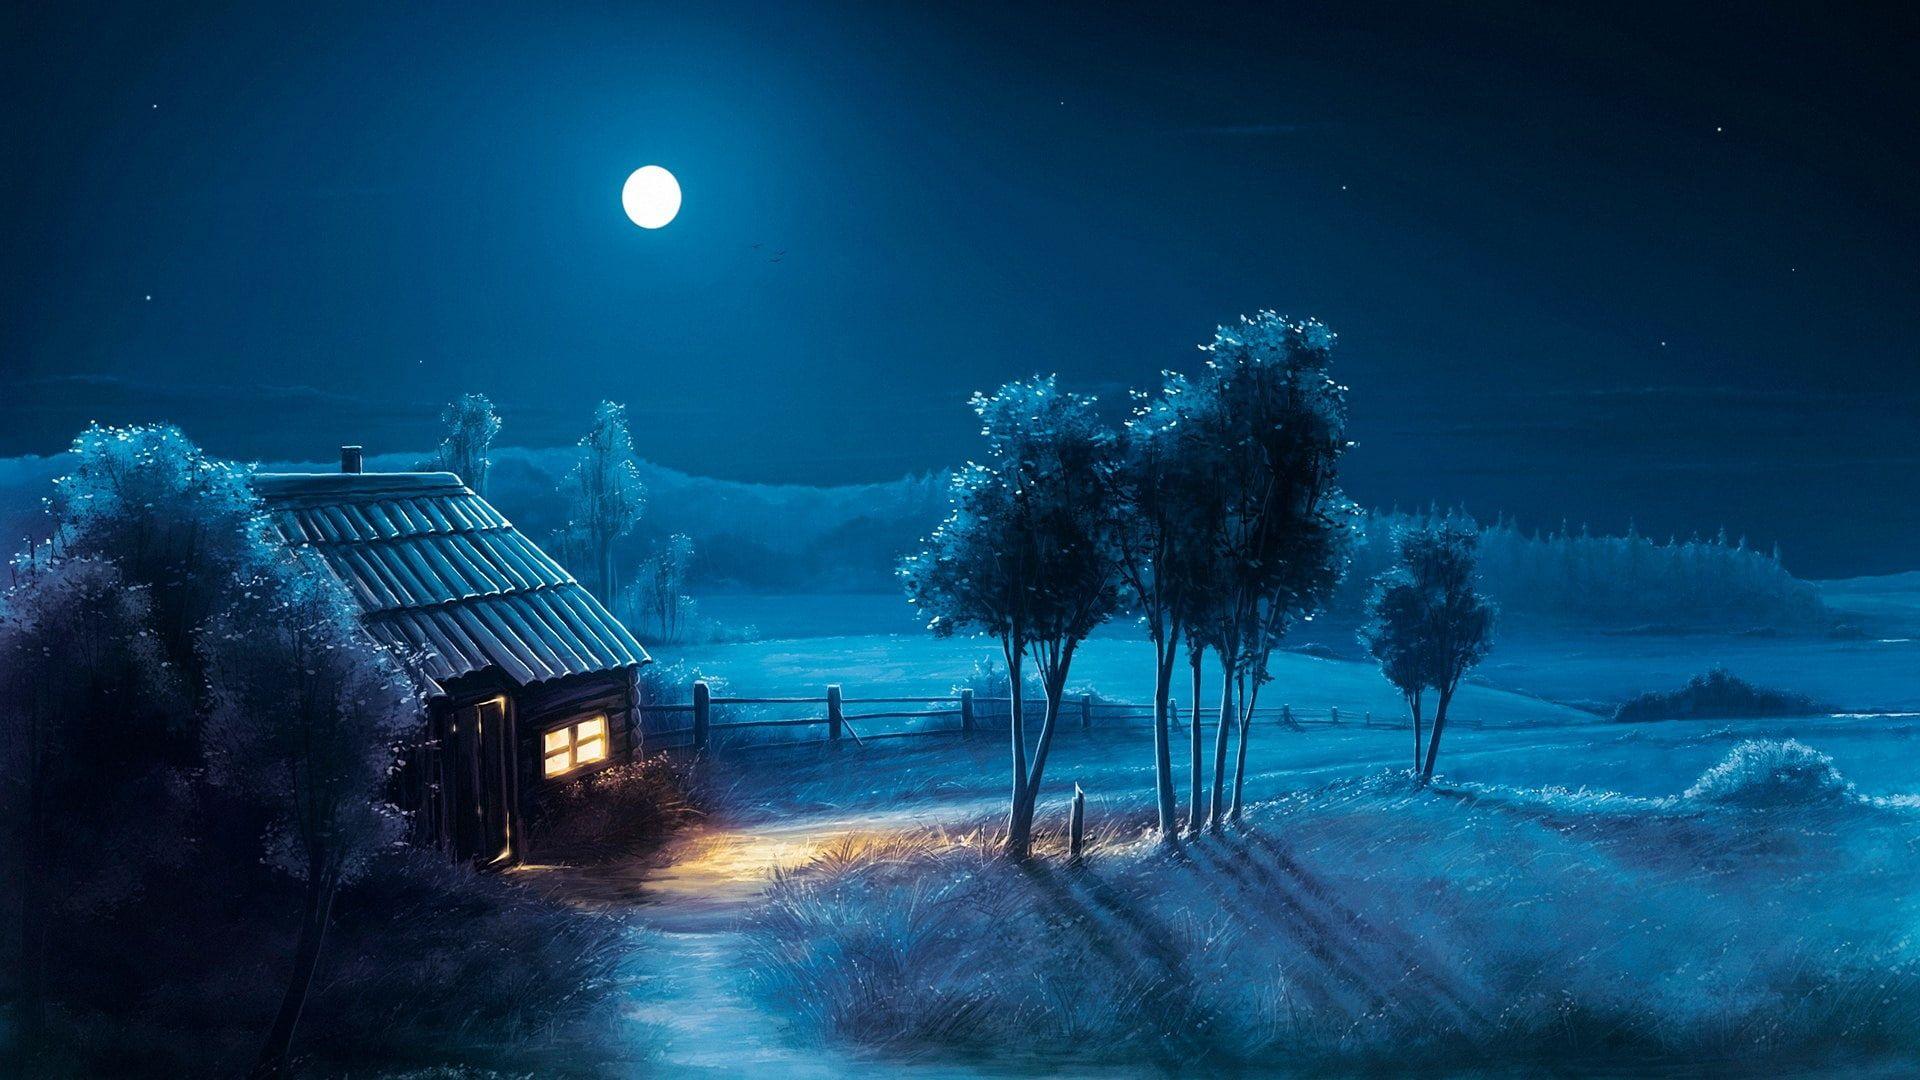 Blue House Moonlight Full Moon Fantasy Art Fantasy Landscape Night Darkness Moon 1080p Wallpaper Hdwal In 2020 Fantasy Landscape Tree Hd Wallpaper Fantasy Art